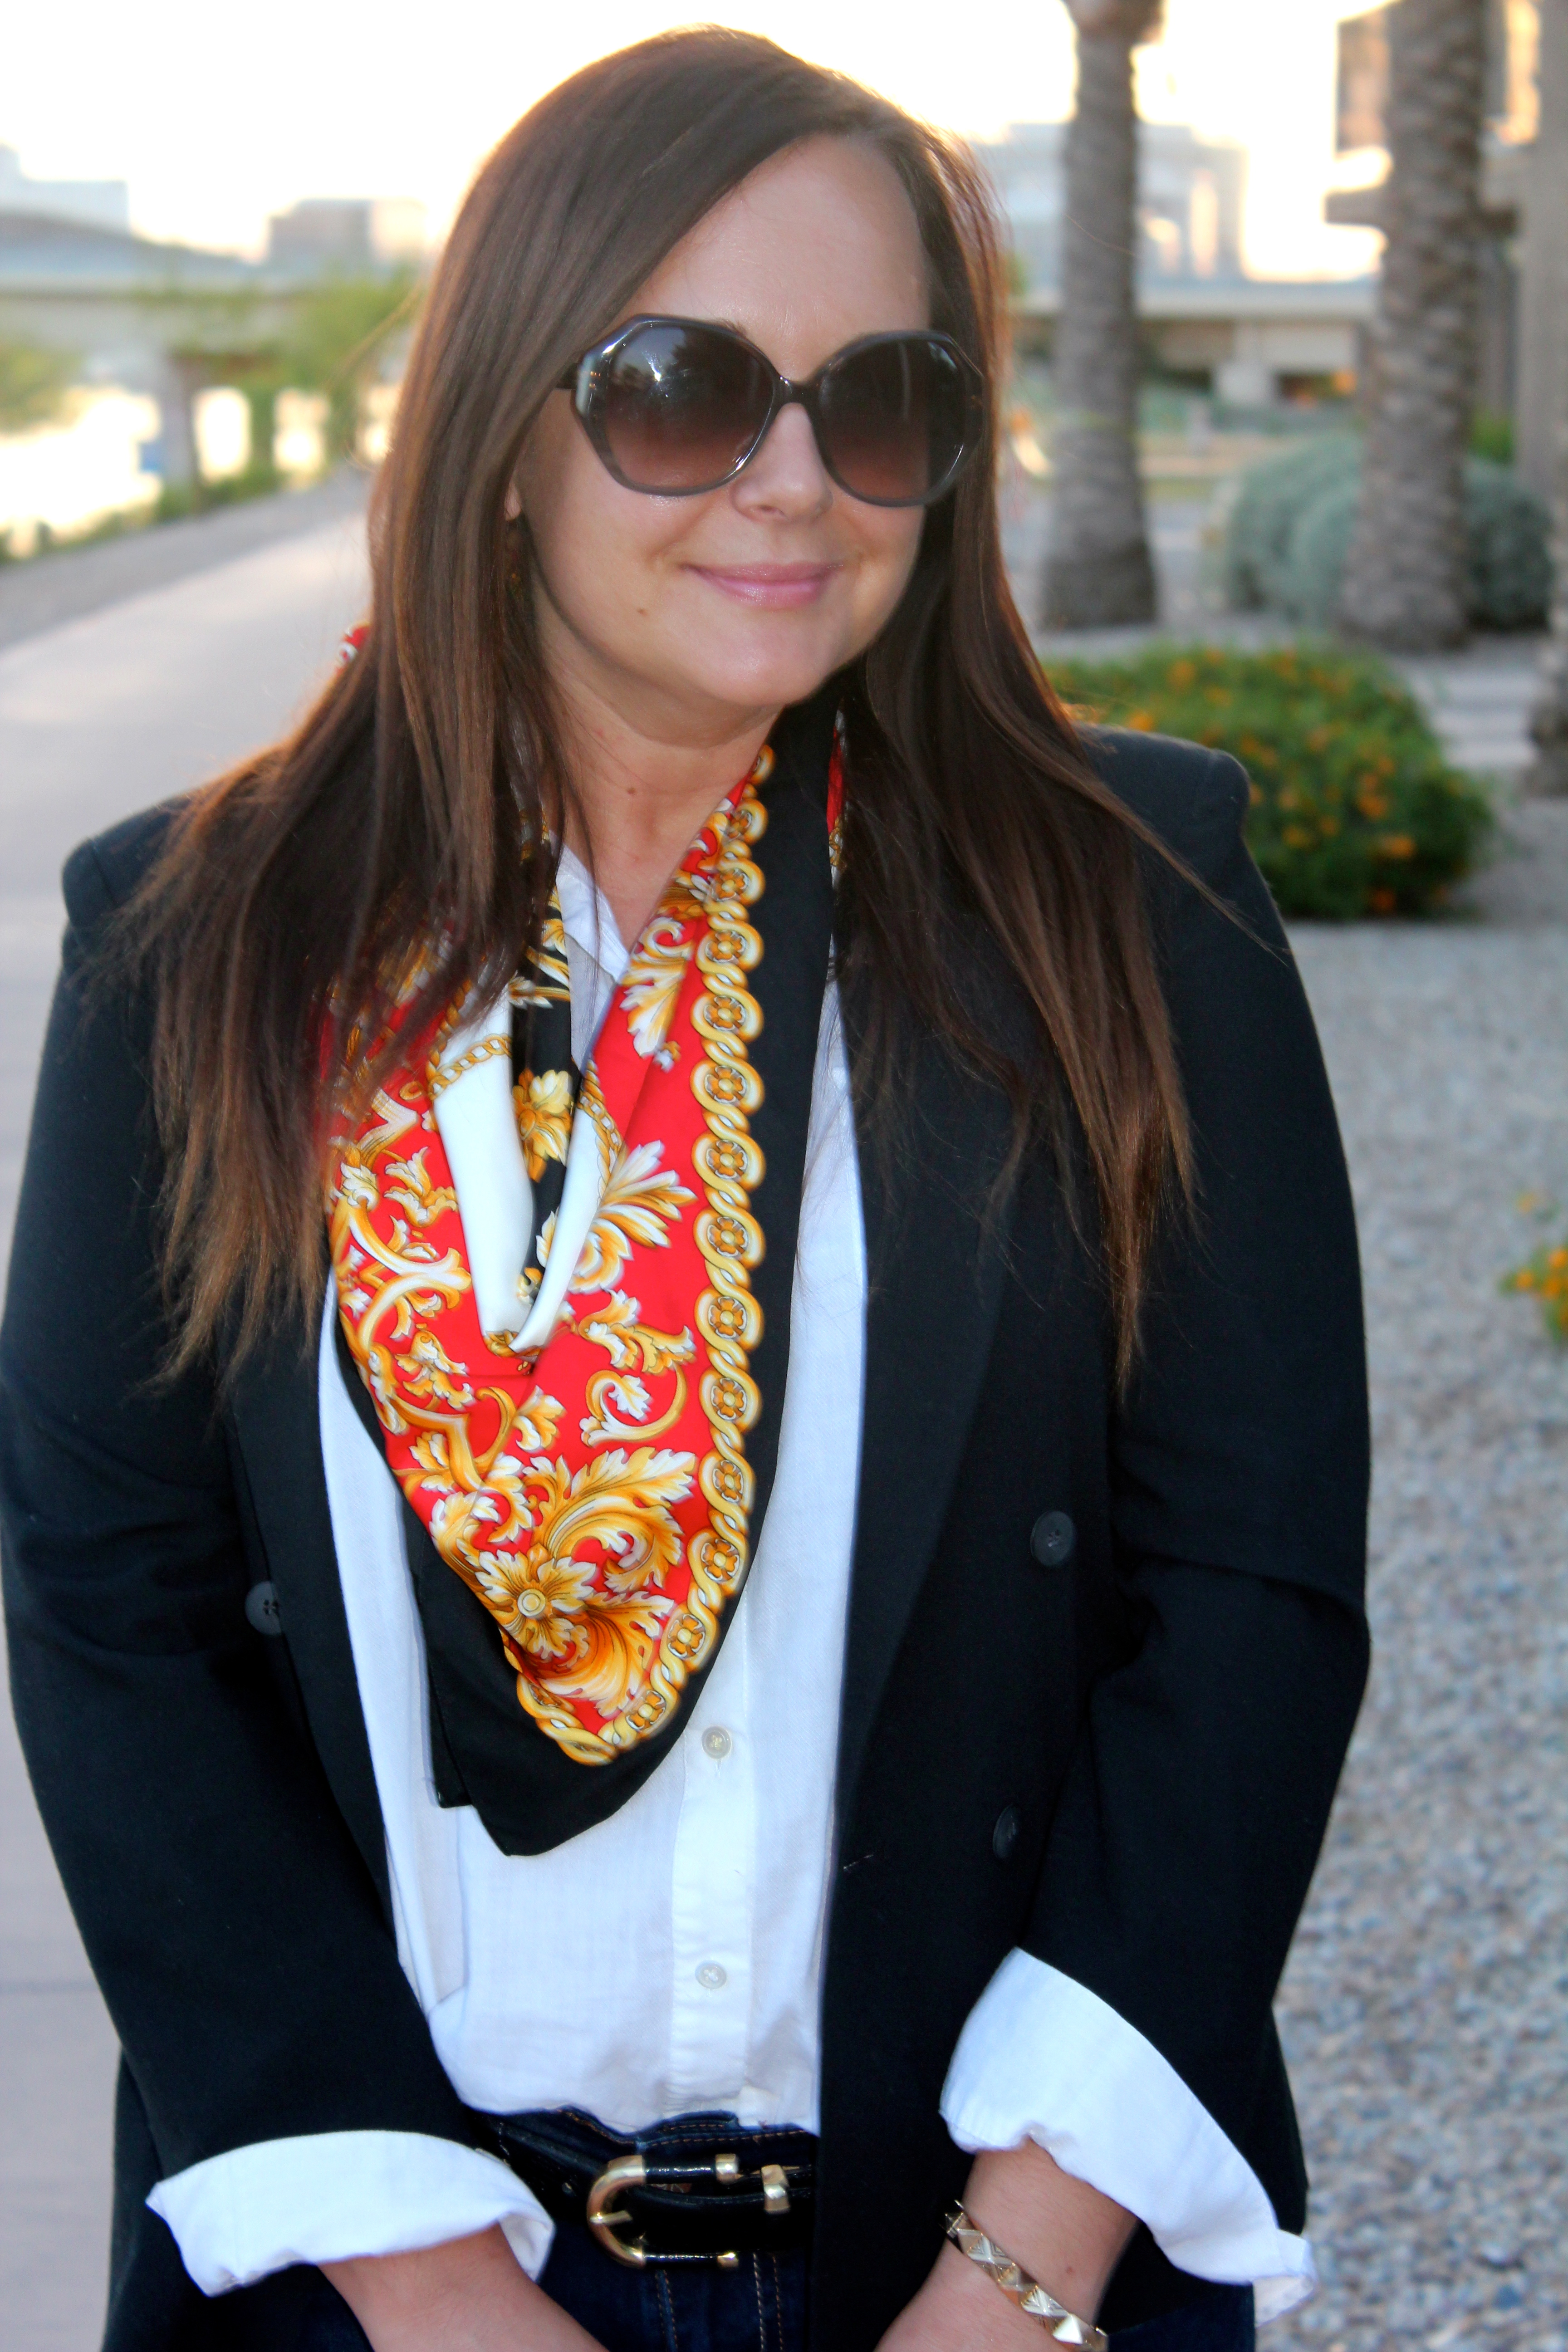 kate spade sunglasses, vintage scarf